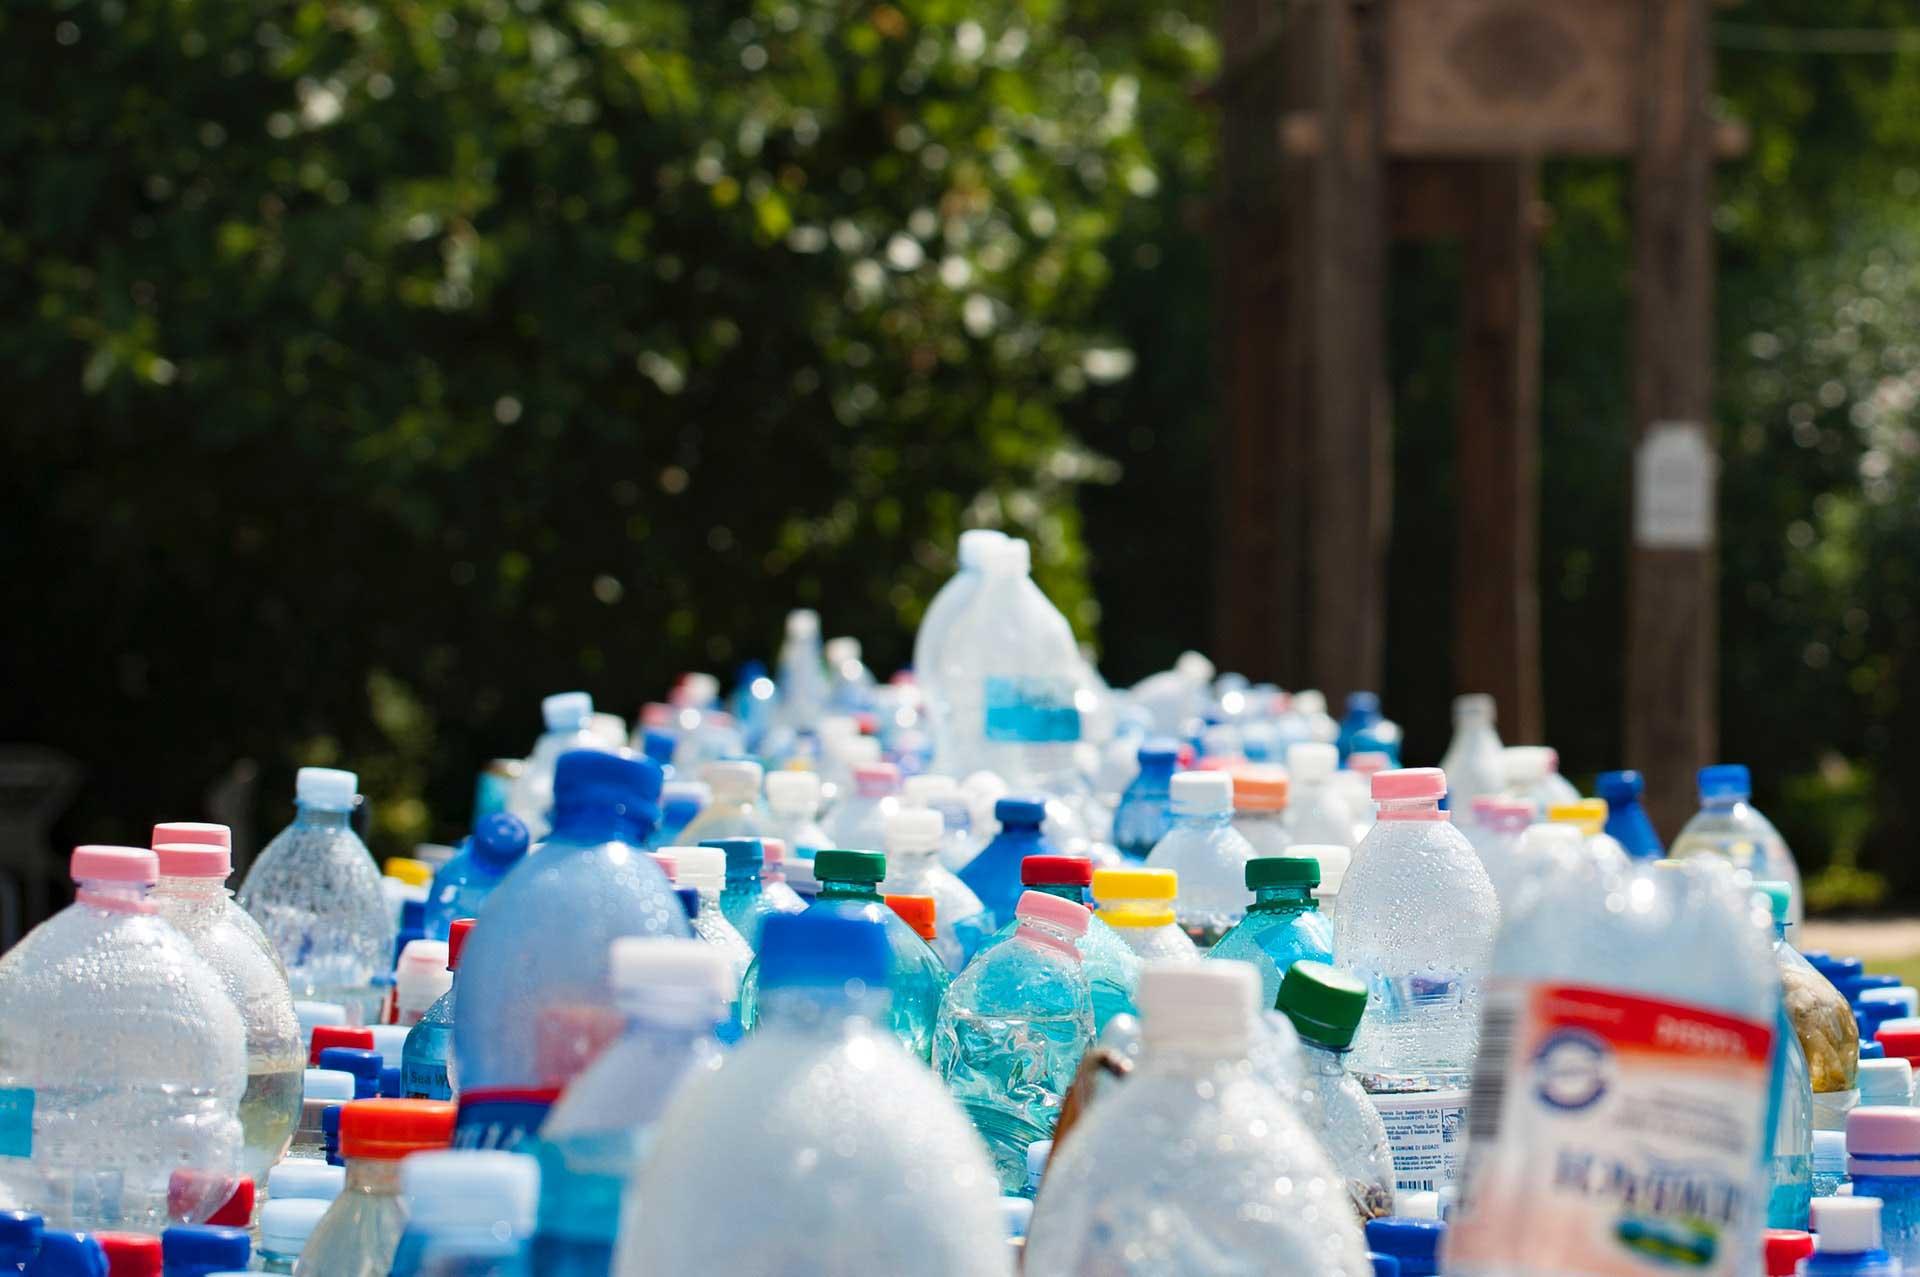 abfall-container-plastik-flaschen-entsorgen